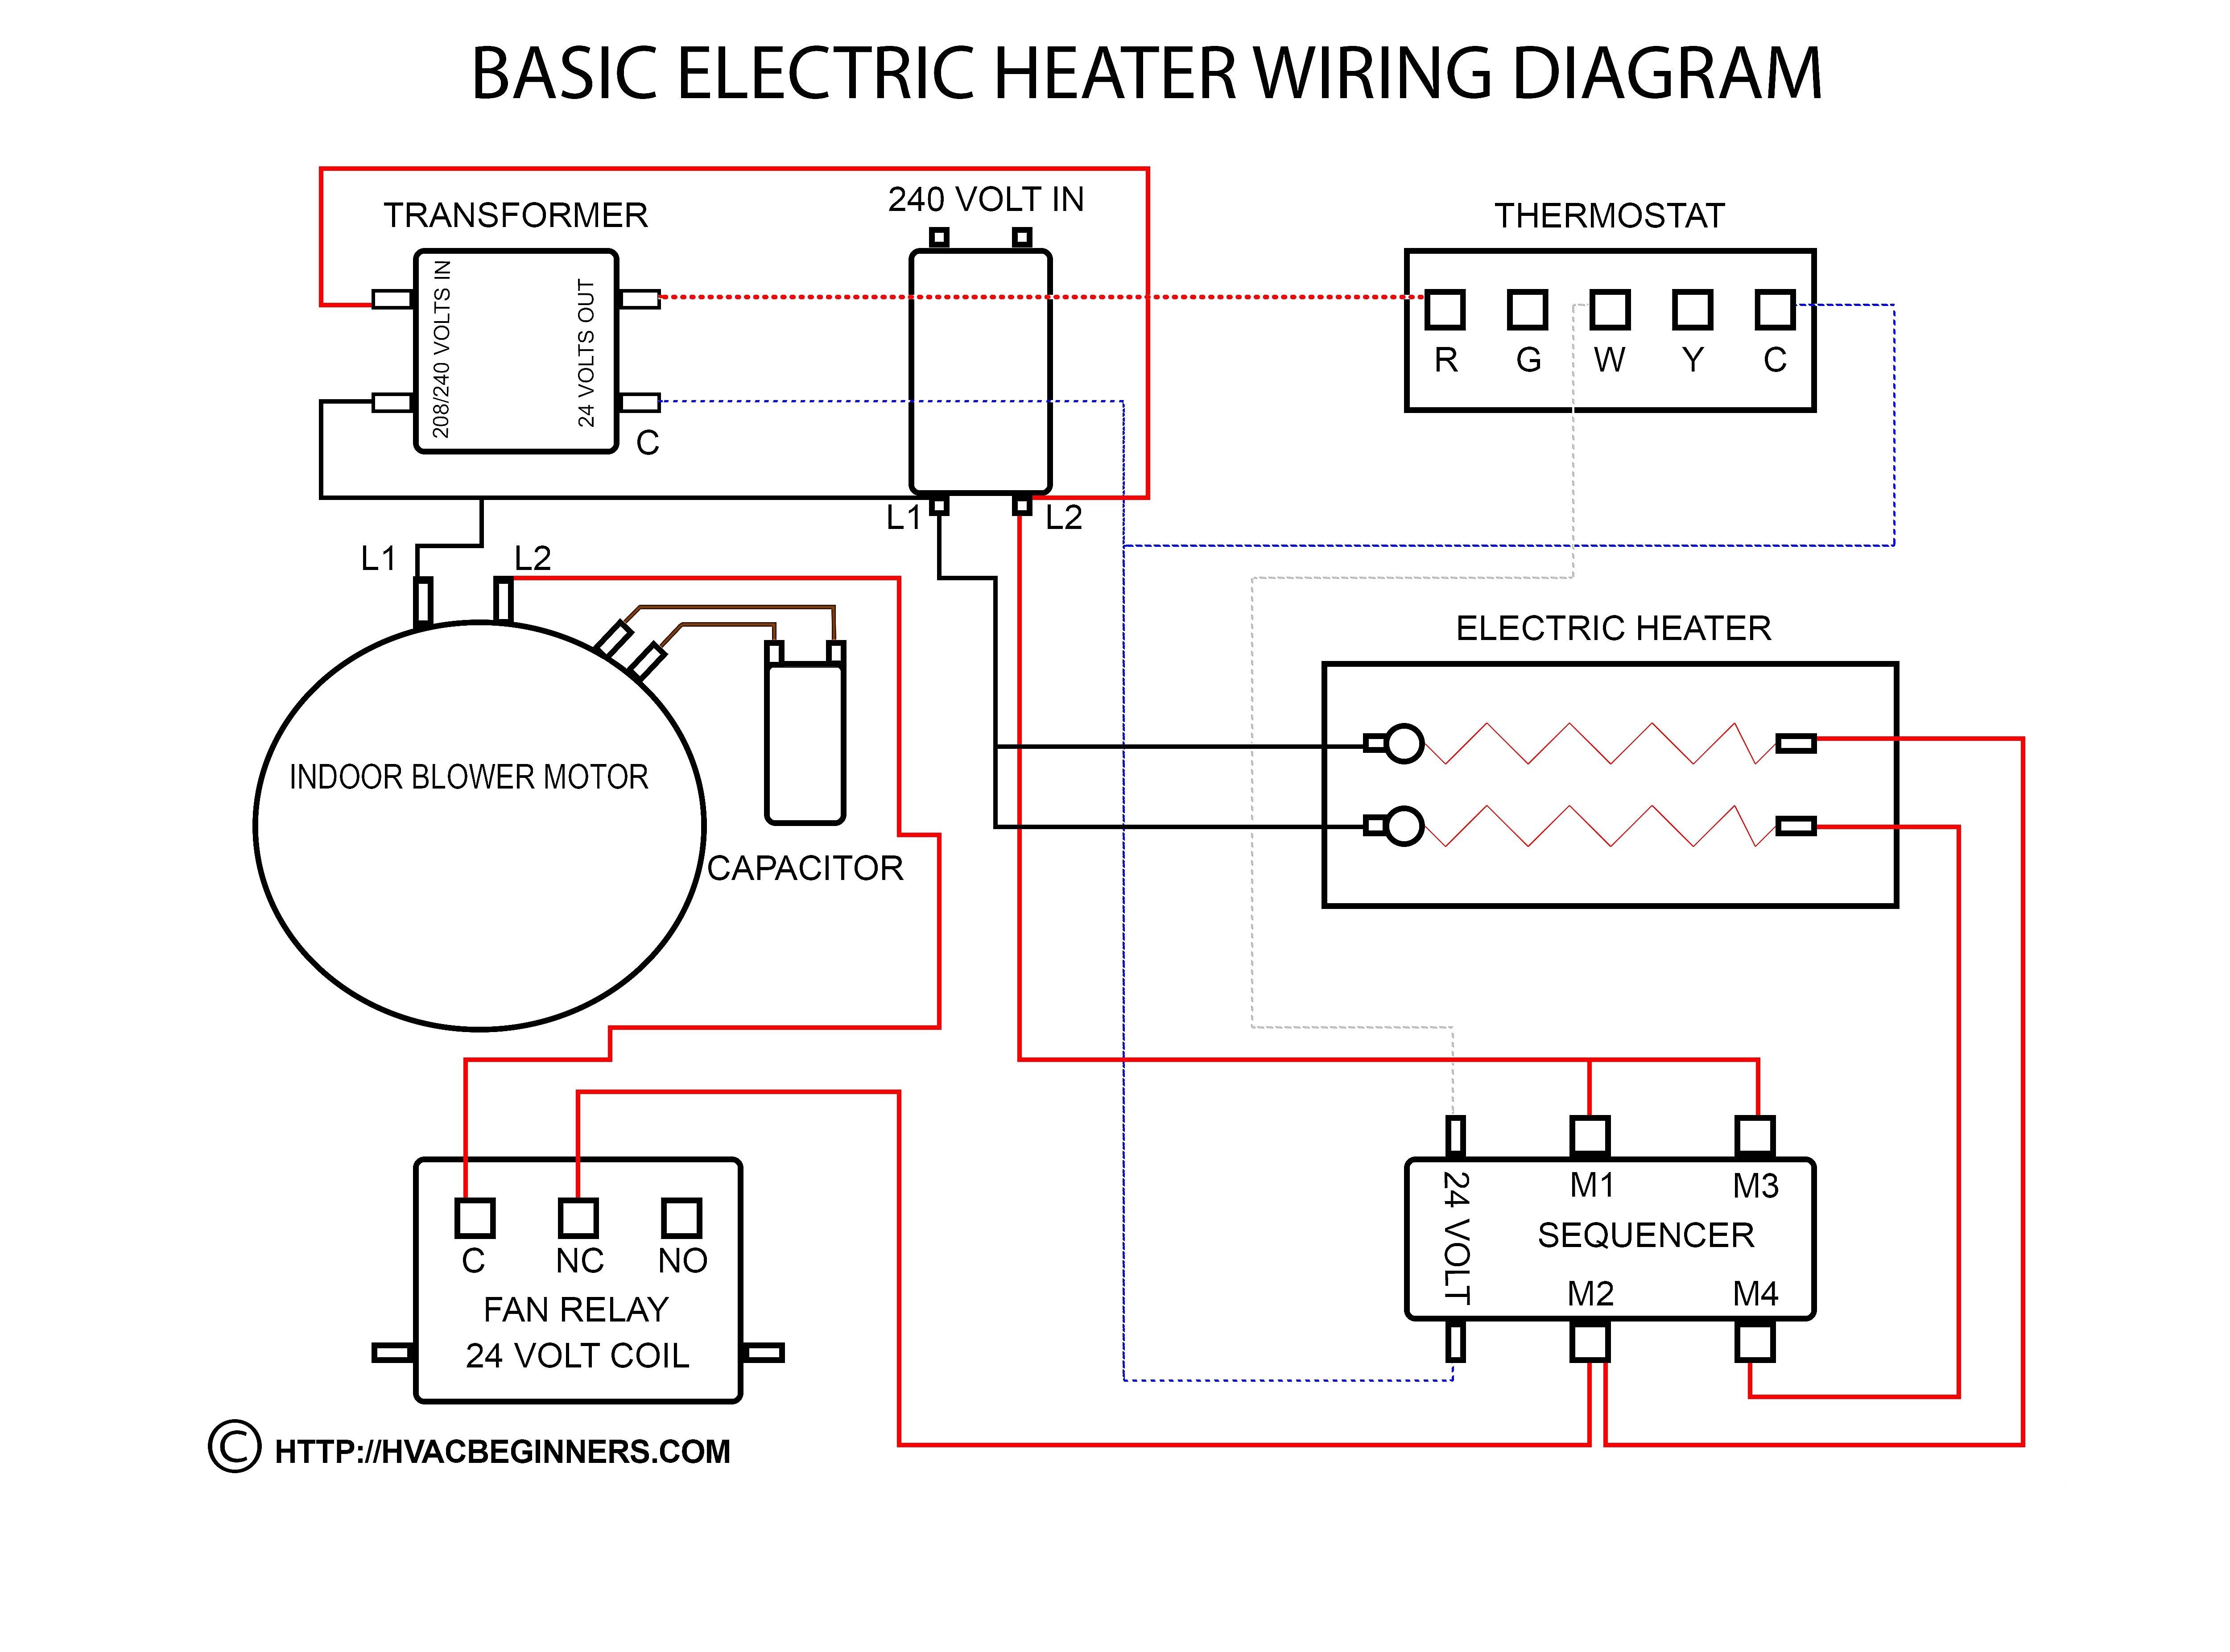 Rheem thermostat Wiring Diagram Gas Furnace thermostat Wiring Diagram Collection